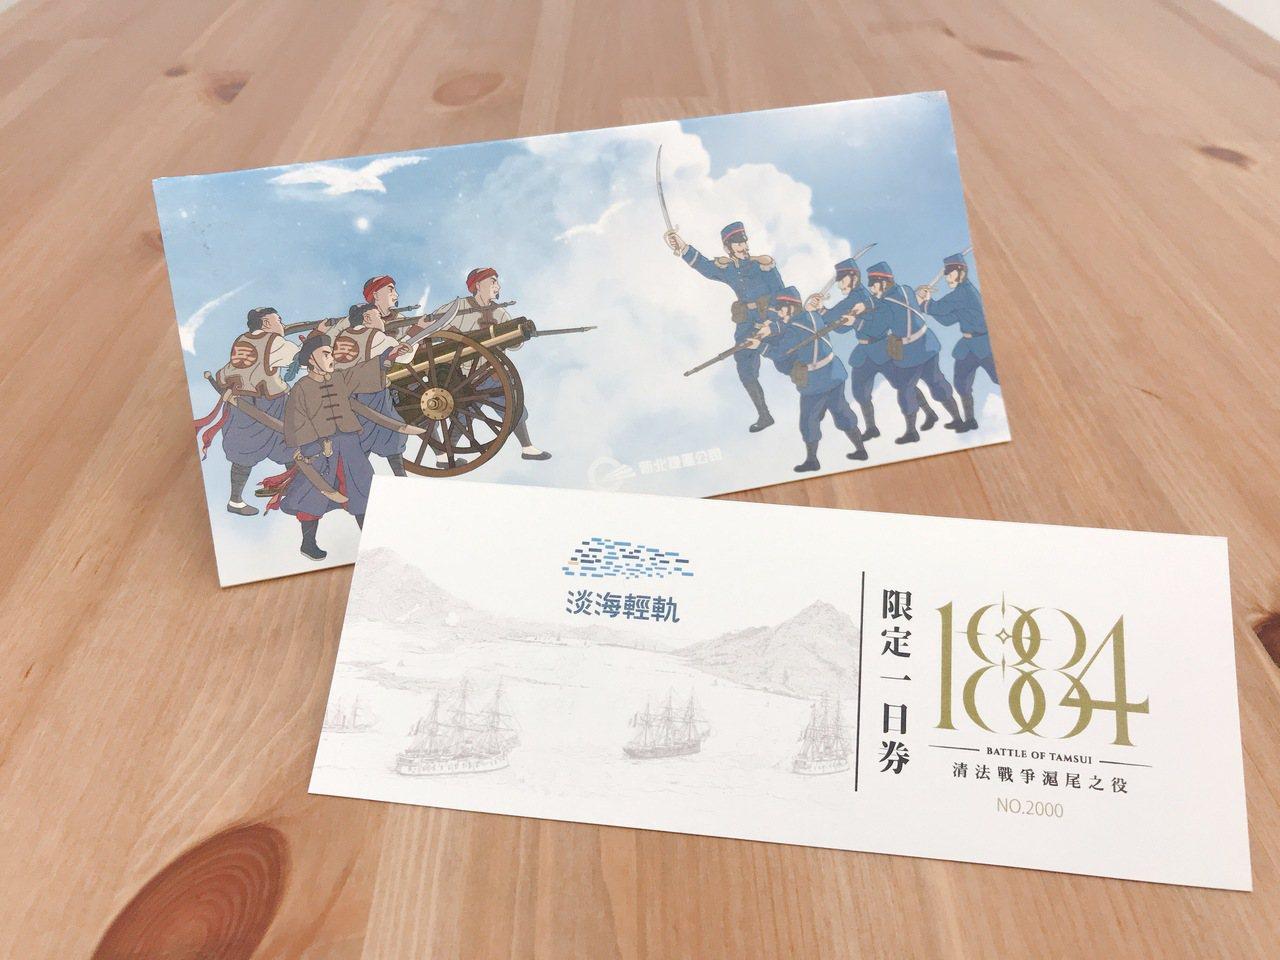 國慶連假期間也將發行限量1884份的紀念版一日票,購票者可憑票,在連假期間上午9...